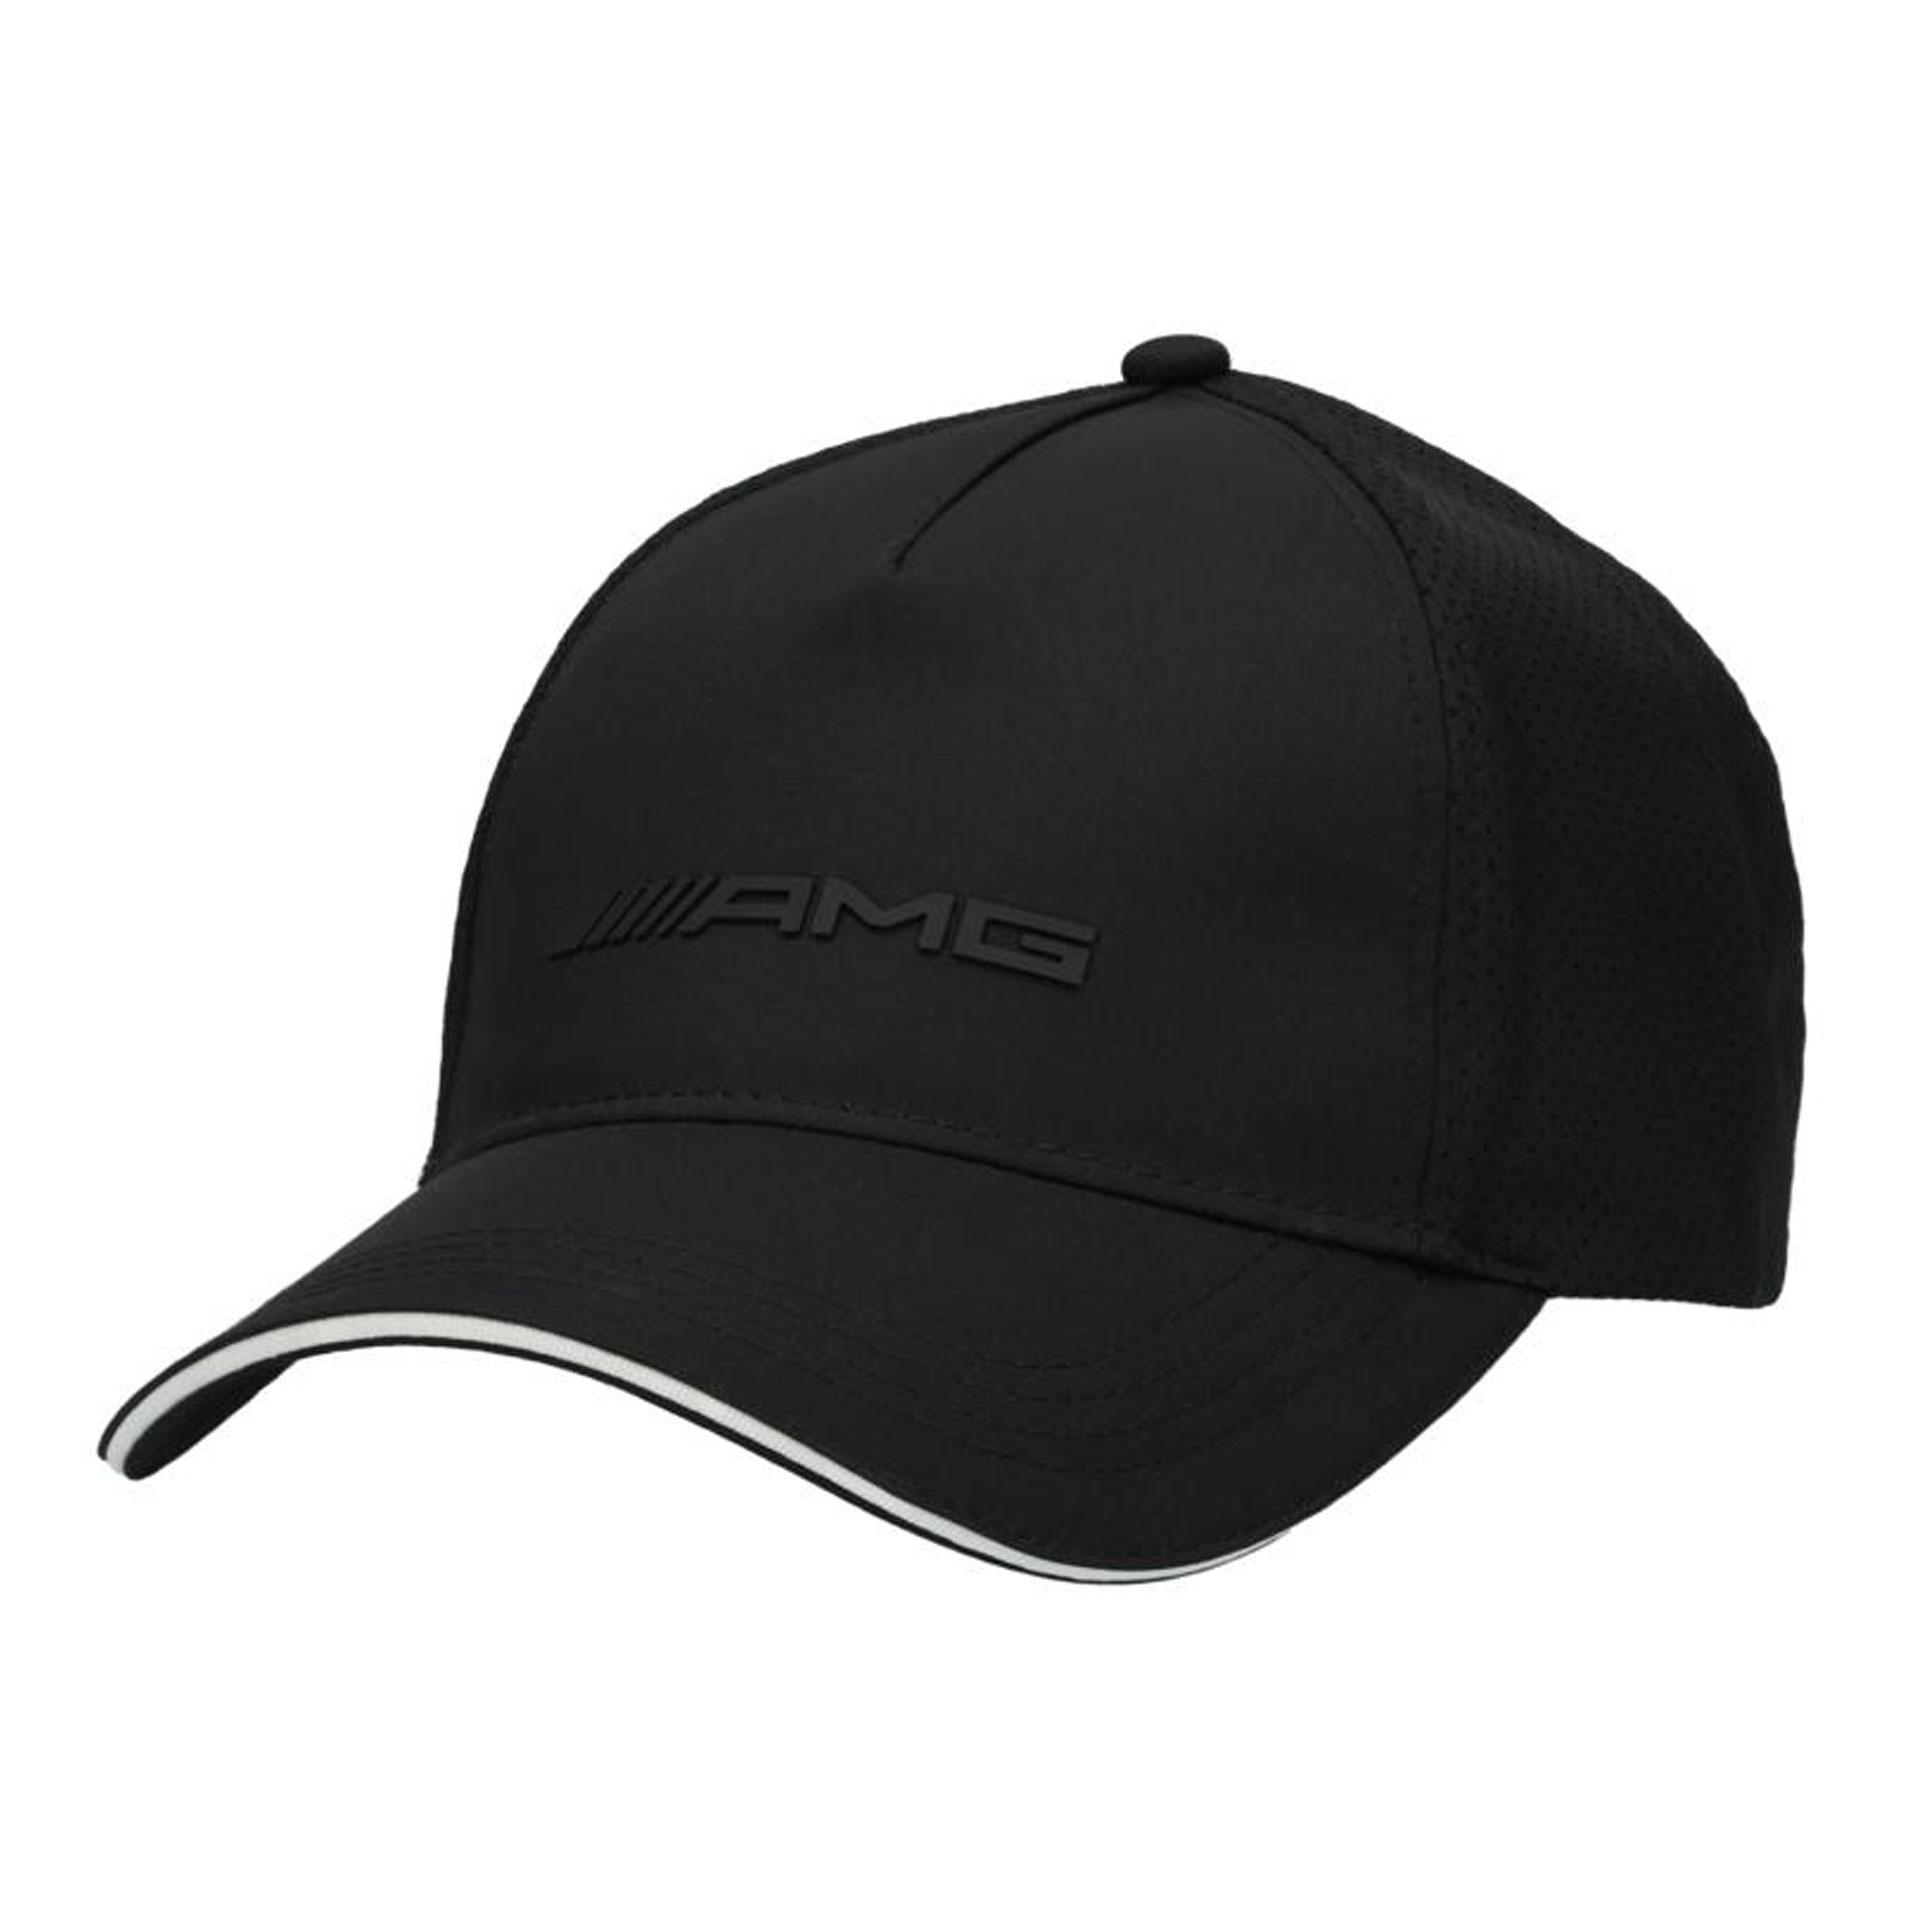 Mercedes-AMG Cap Kappe Basecap Schwarz